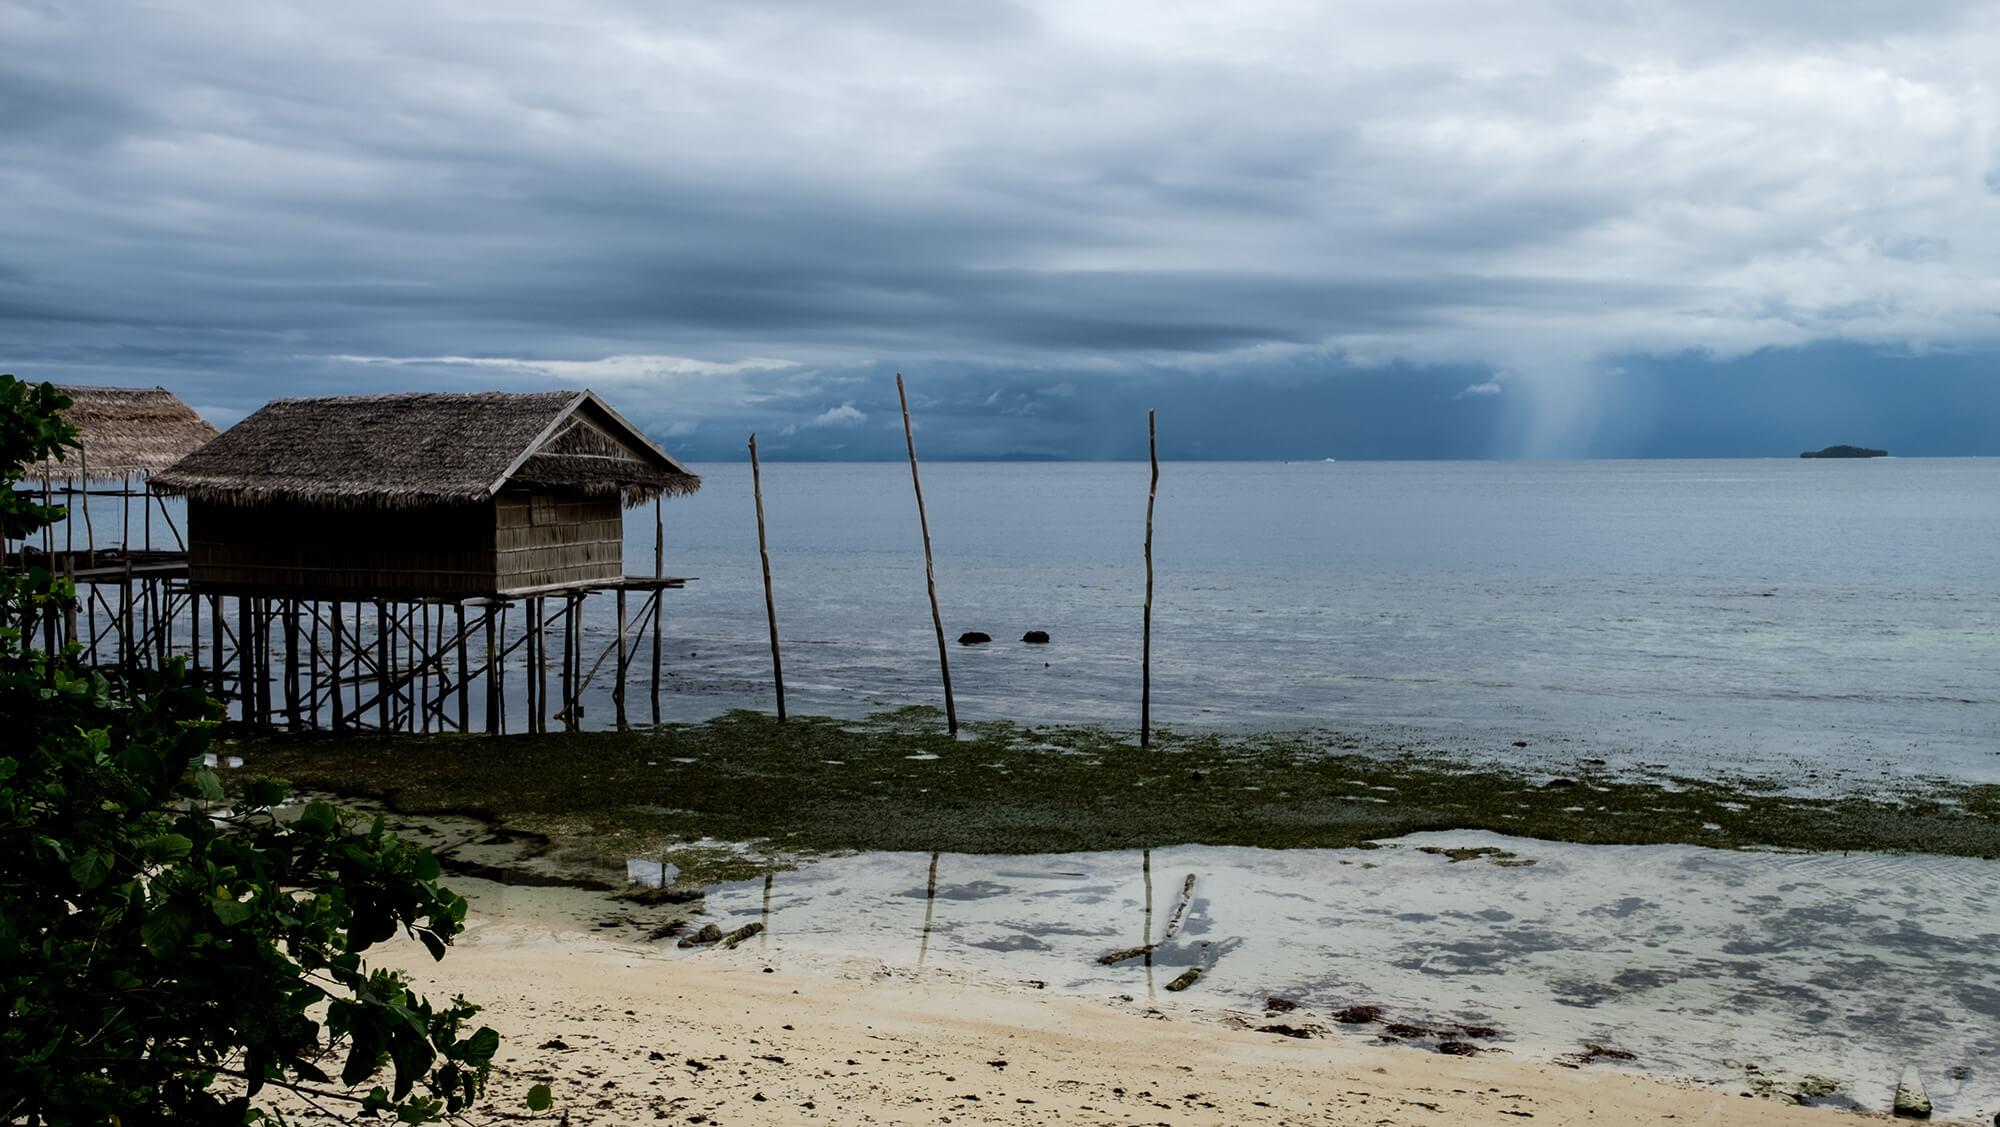 Tormenta en el horizonte del paraíso de Raja Ampat en Papúa